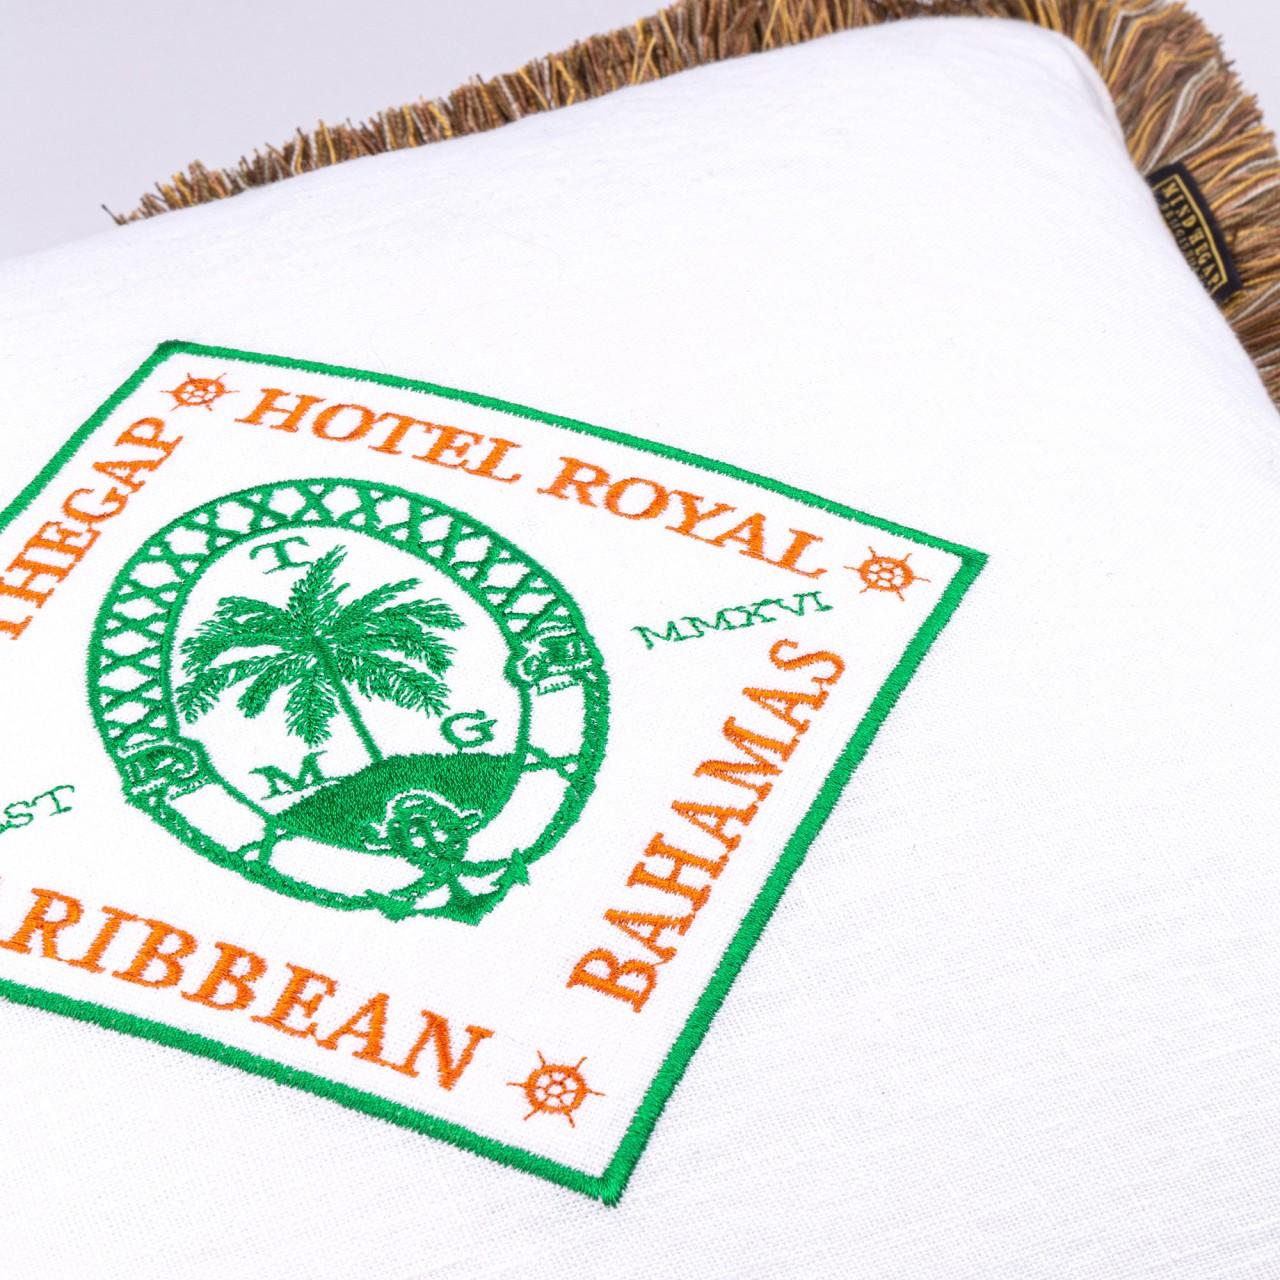 HOTEL ROYAL Cushion